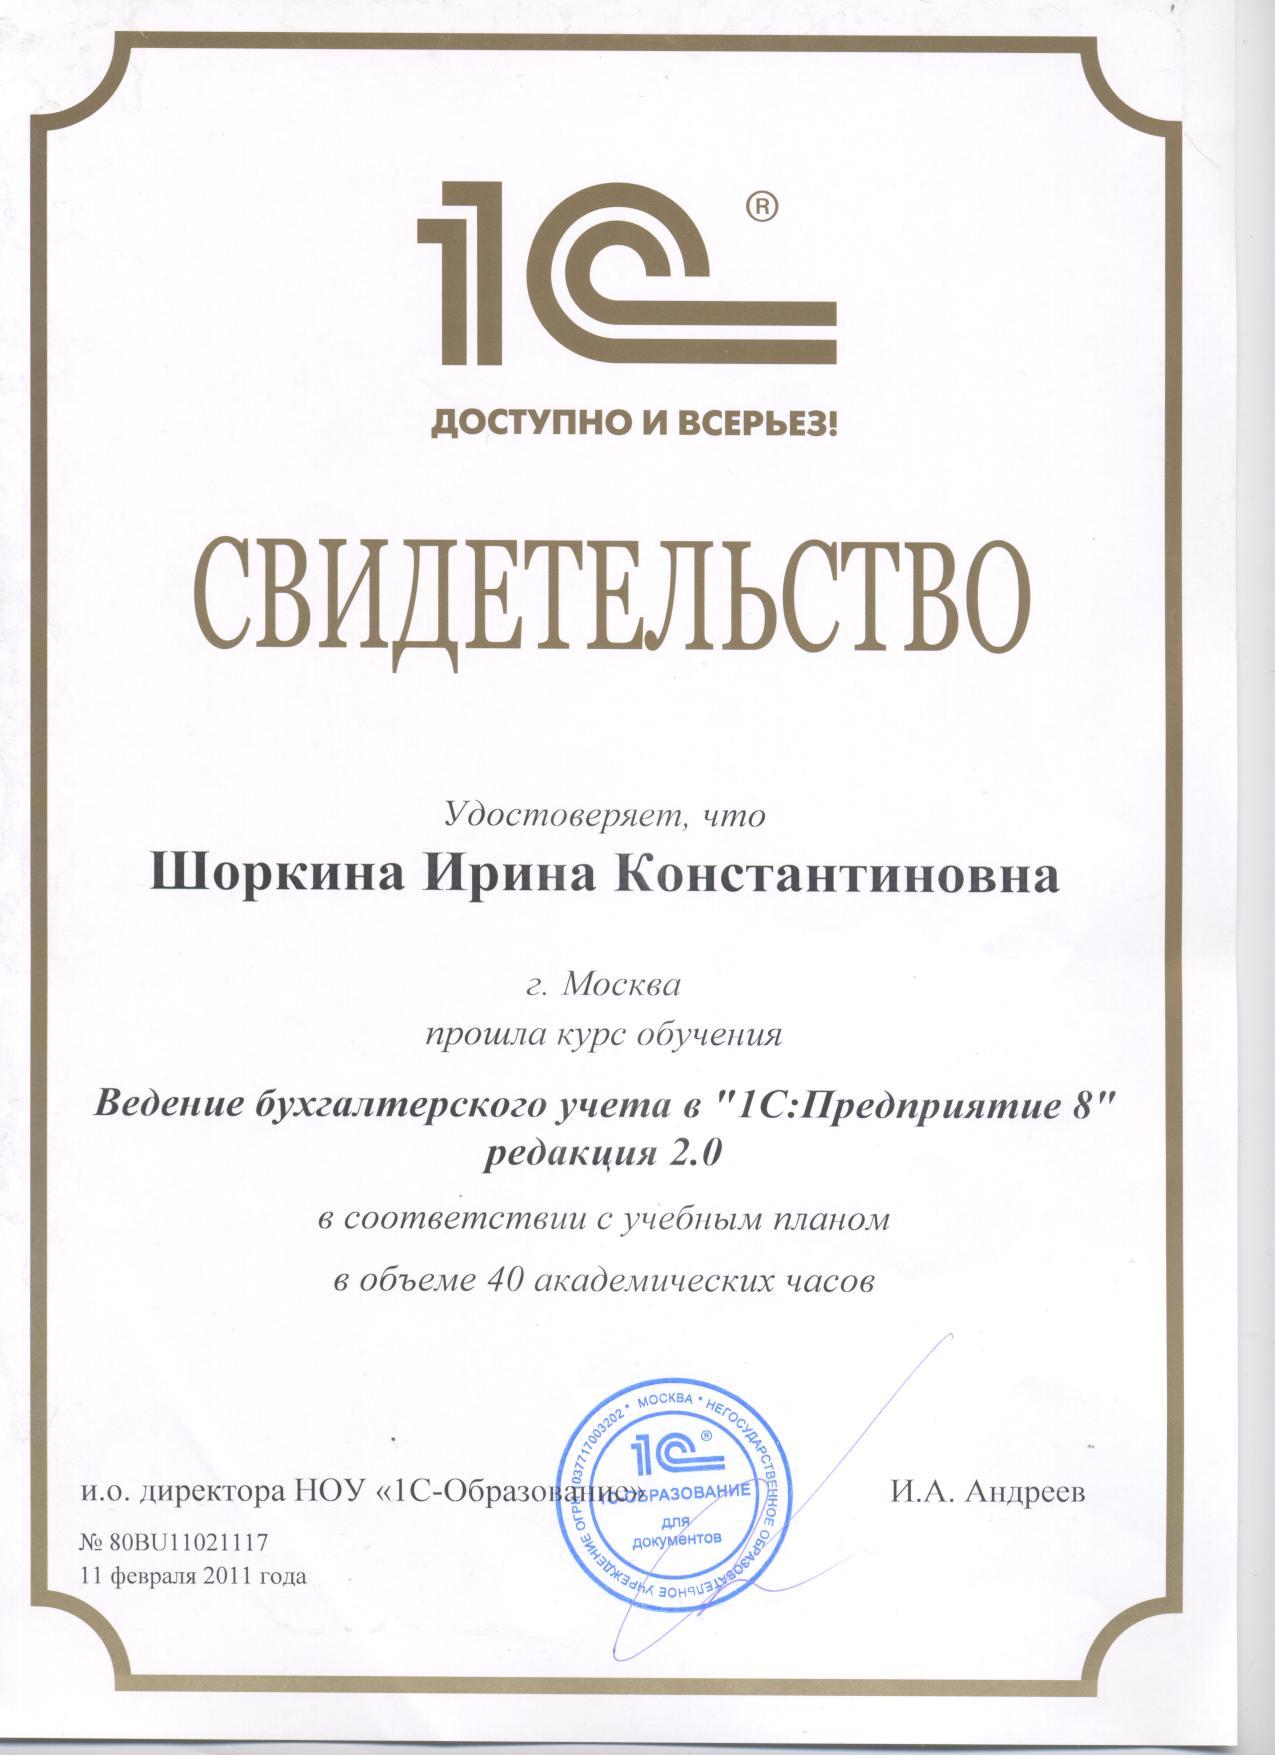 Ведение бухгалтерского учета и отчетности Налоговые консультации диплом бухгалтера